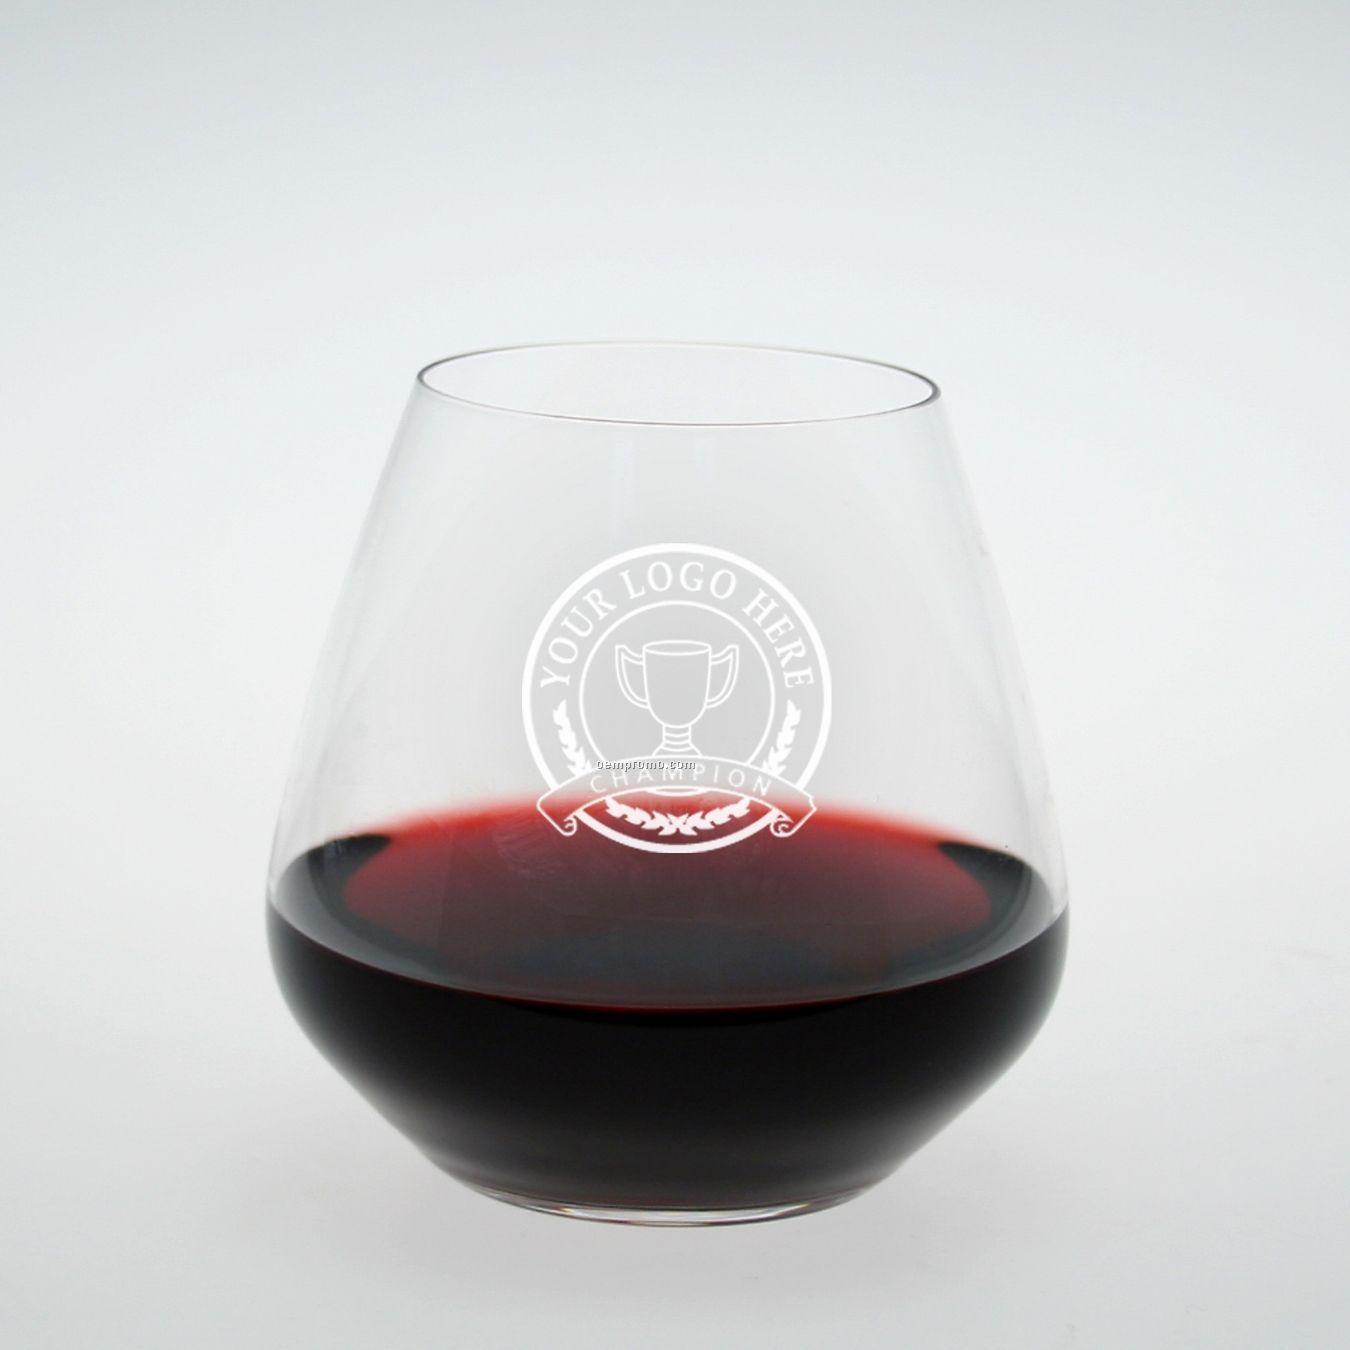 Studio Stemless Burgundy/ Pinot Noir Glass (Set Of 4 - Deep Etch)